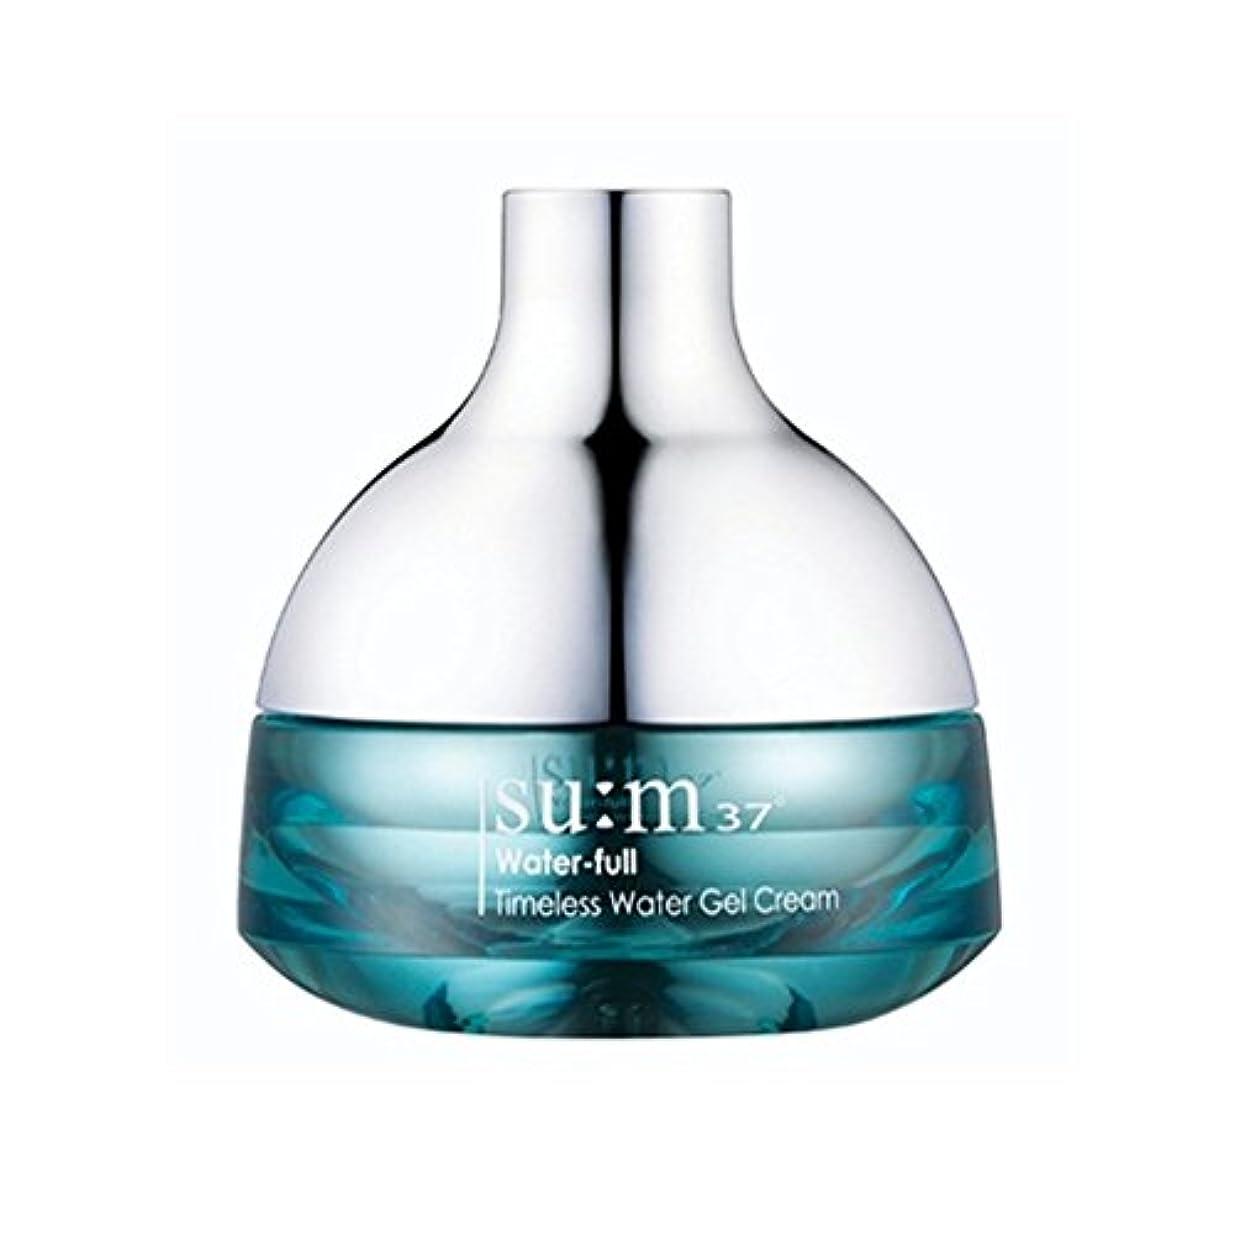 エンターテインメント民間工場[su:m37/スム37°] SUM37 Water-full Timeless Water Gel Cream 50ml/WF07 sum37 ウォータフル タイムレス ウォータージェルクリーム 50ml +[Sample...